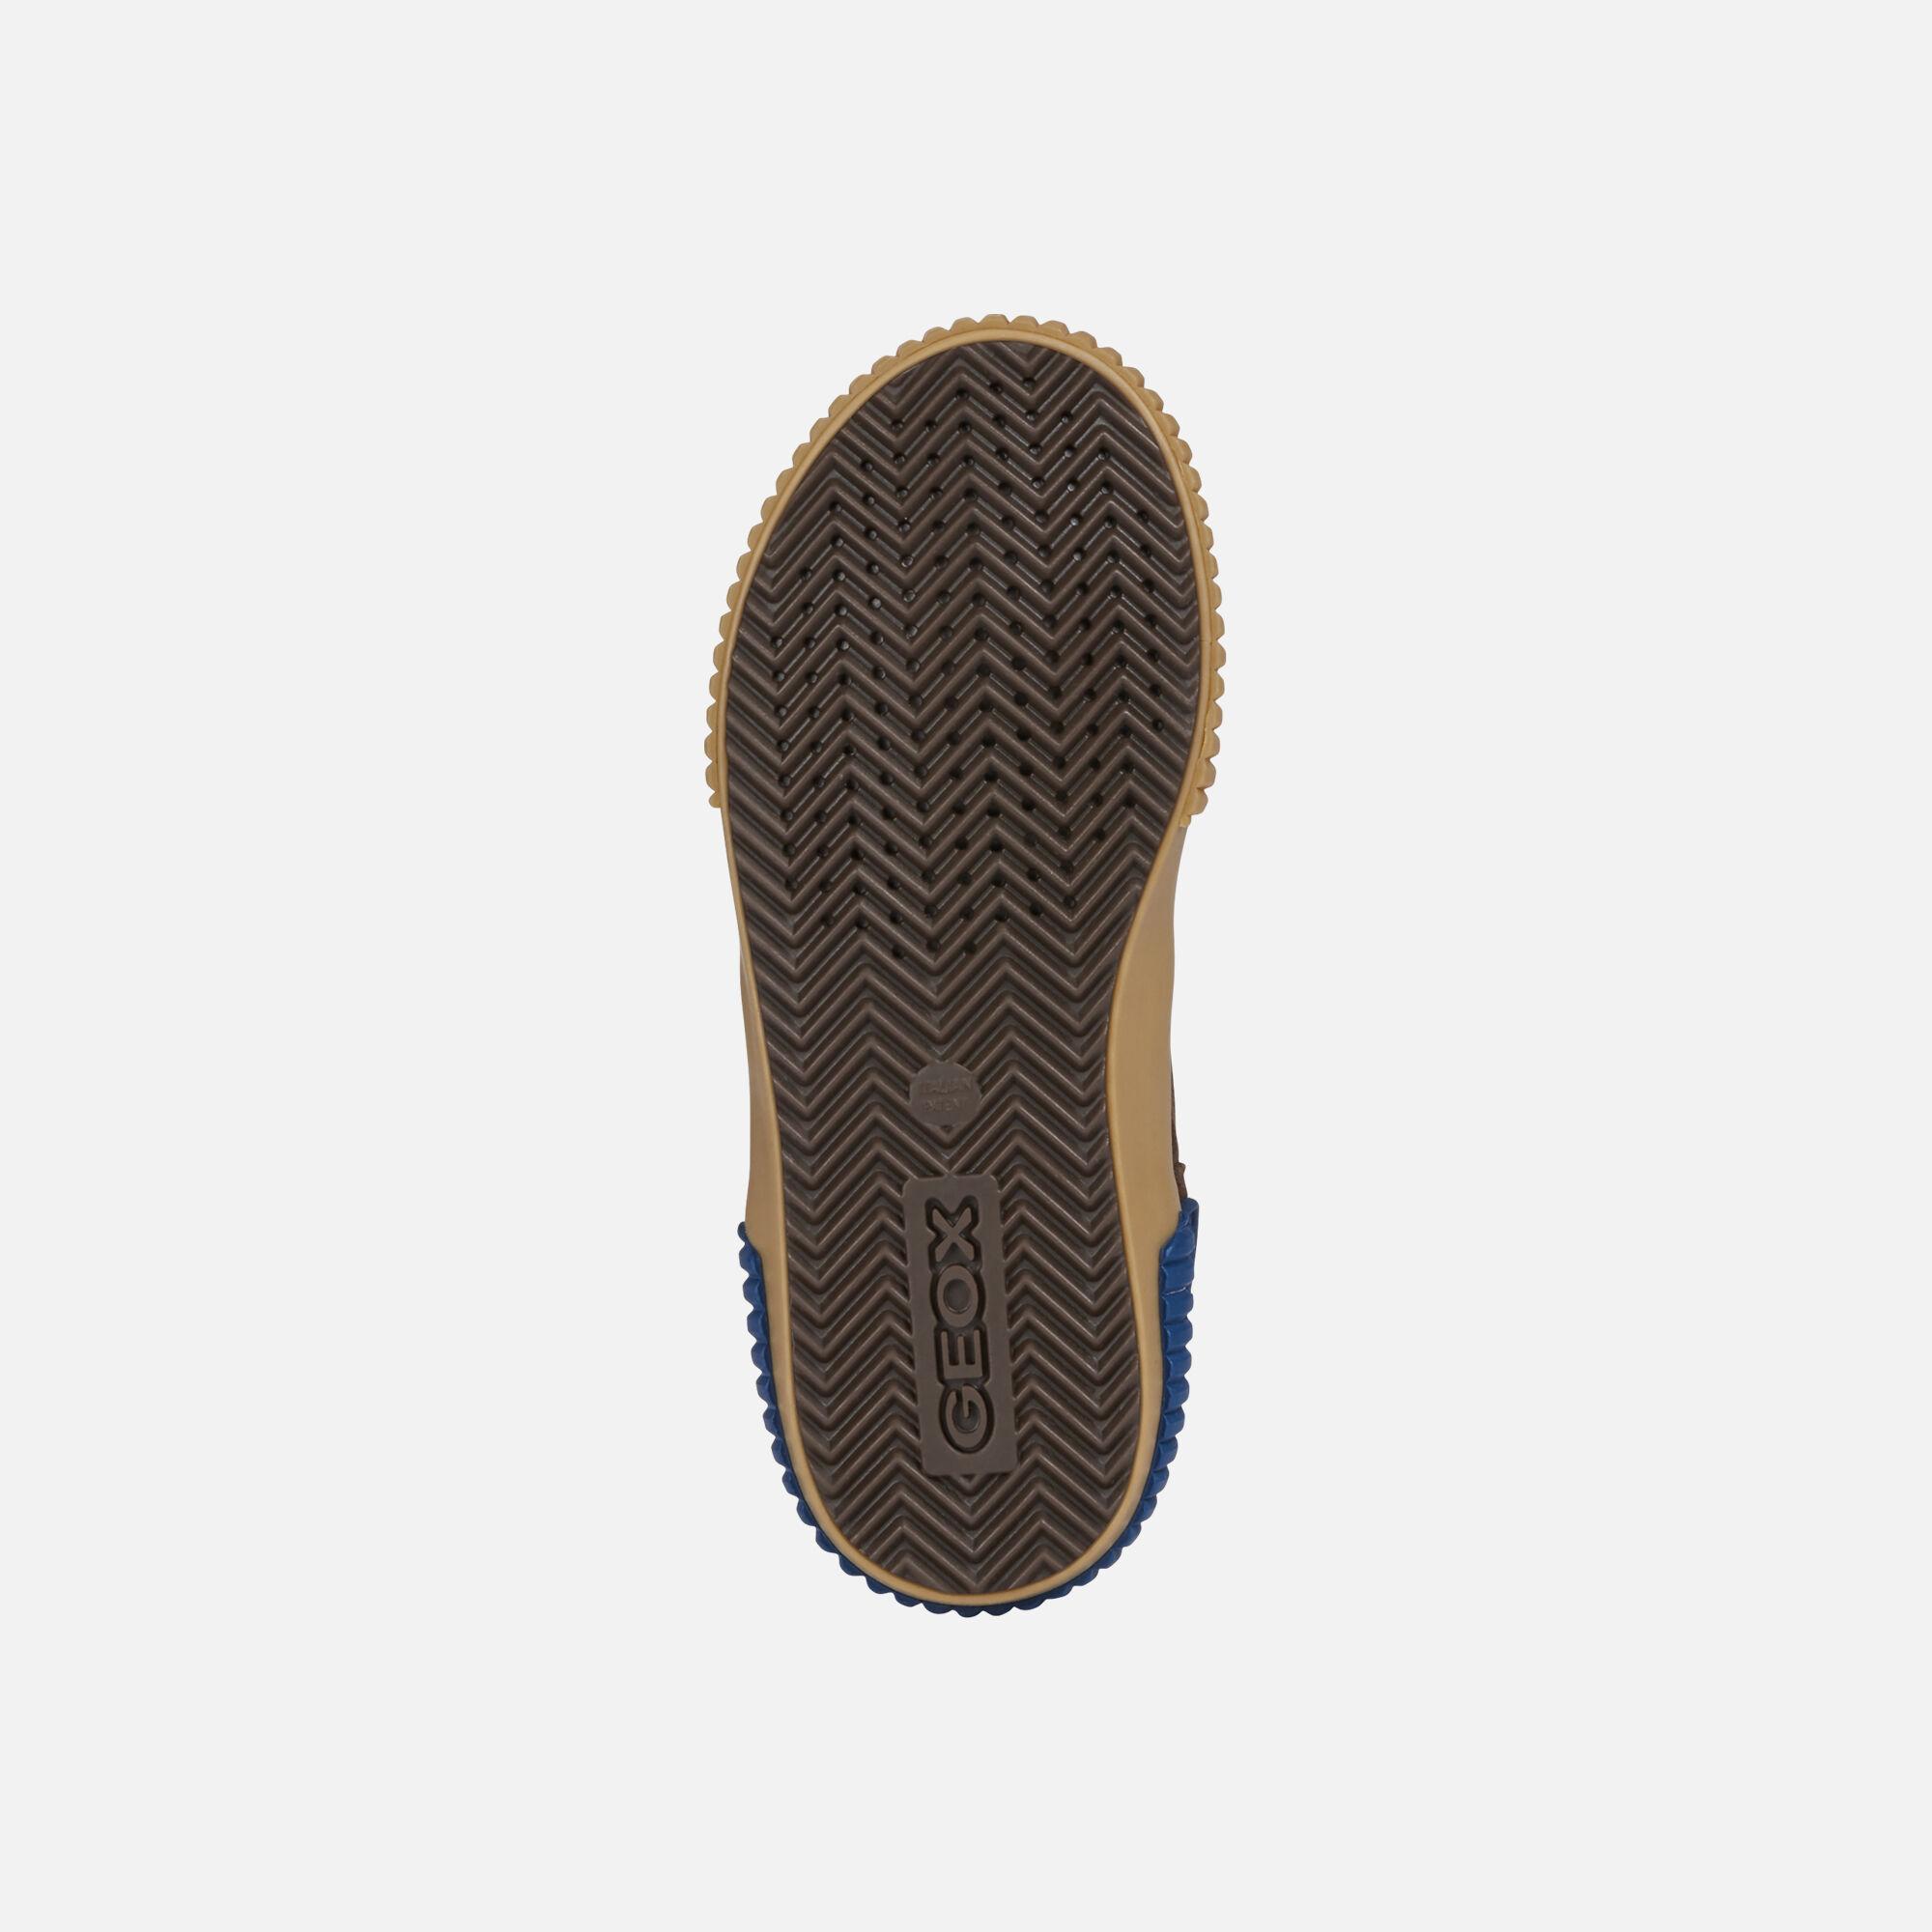 Geox J ALONISSO BOY Sneakers Junior Boy | Geox¨ Official Store